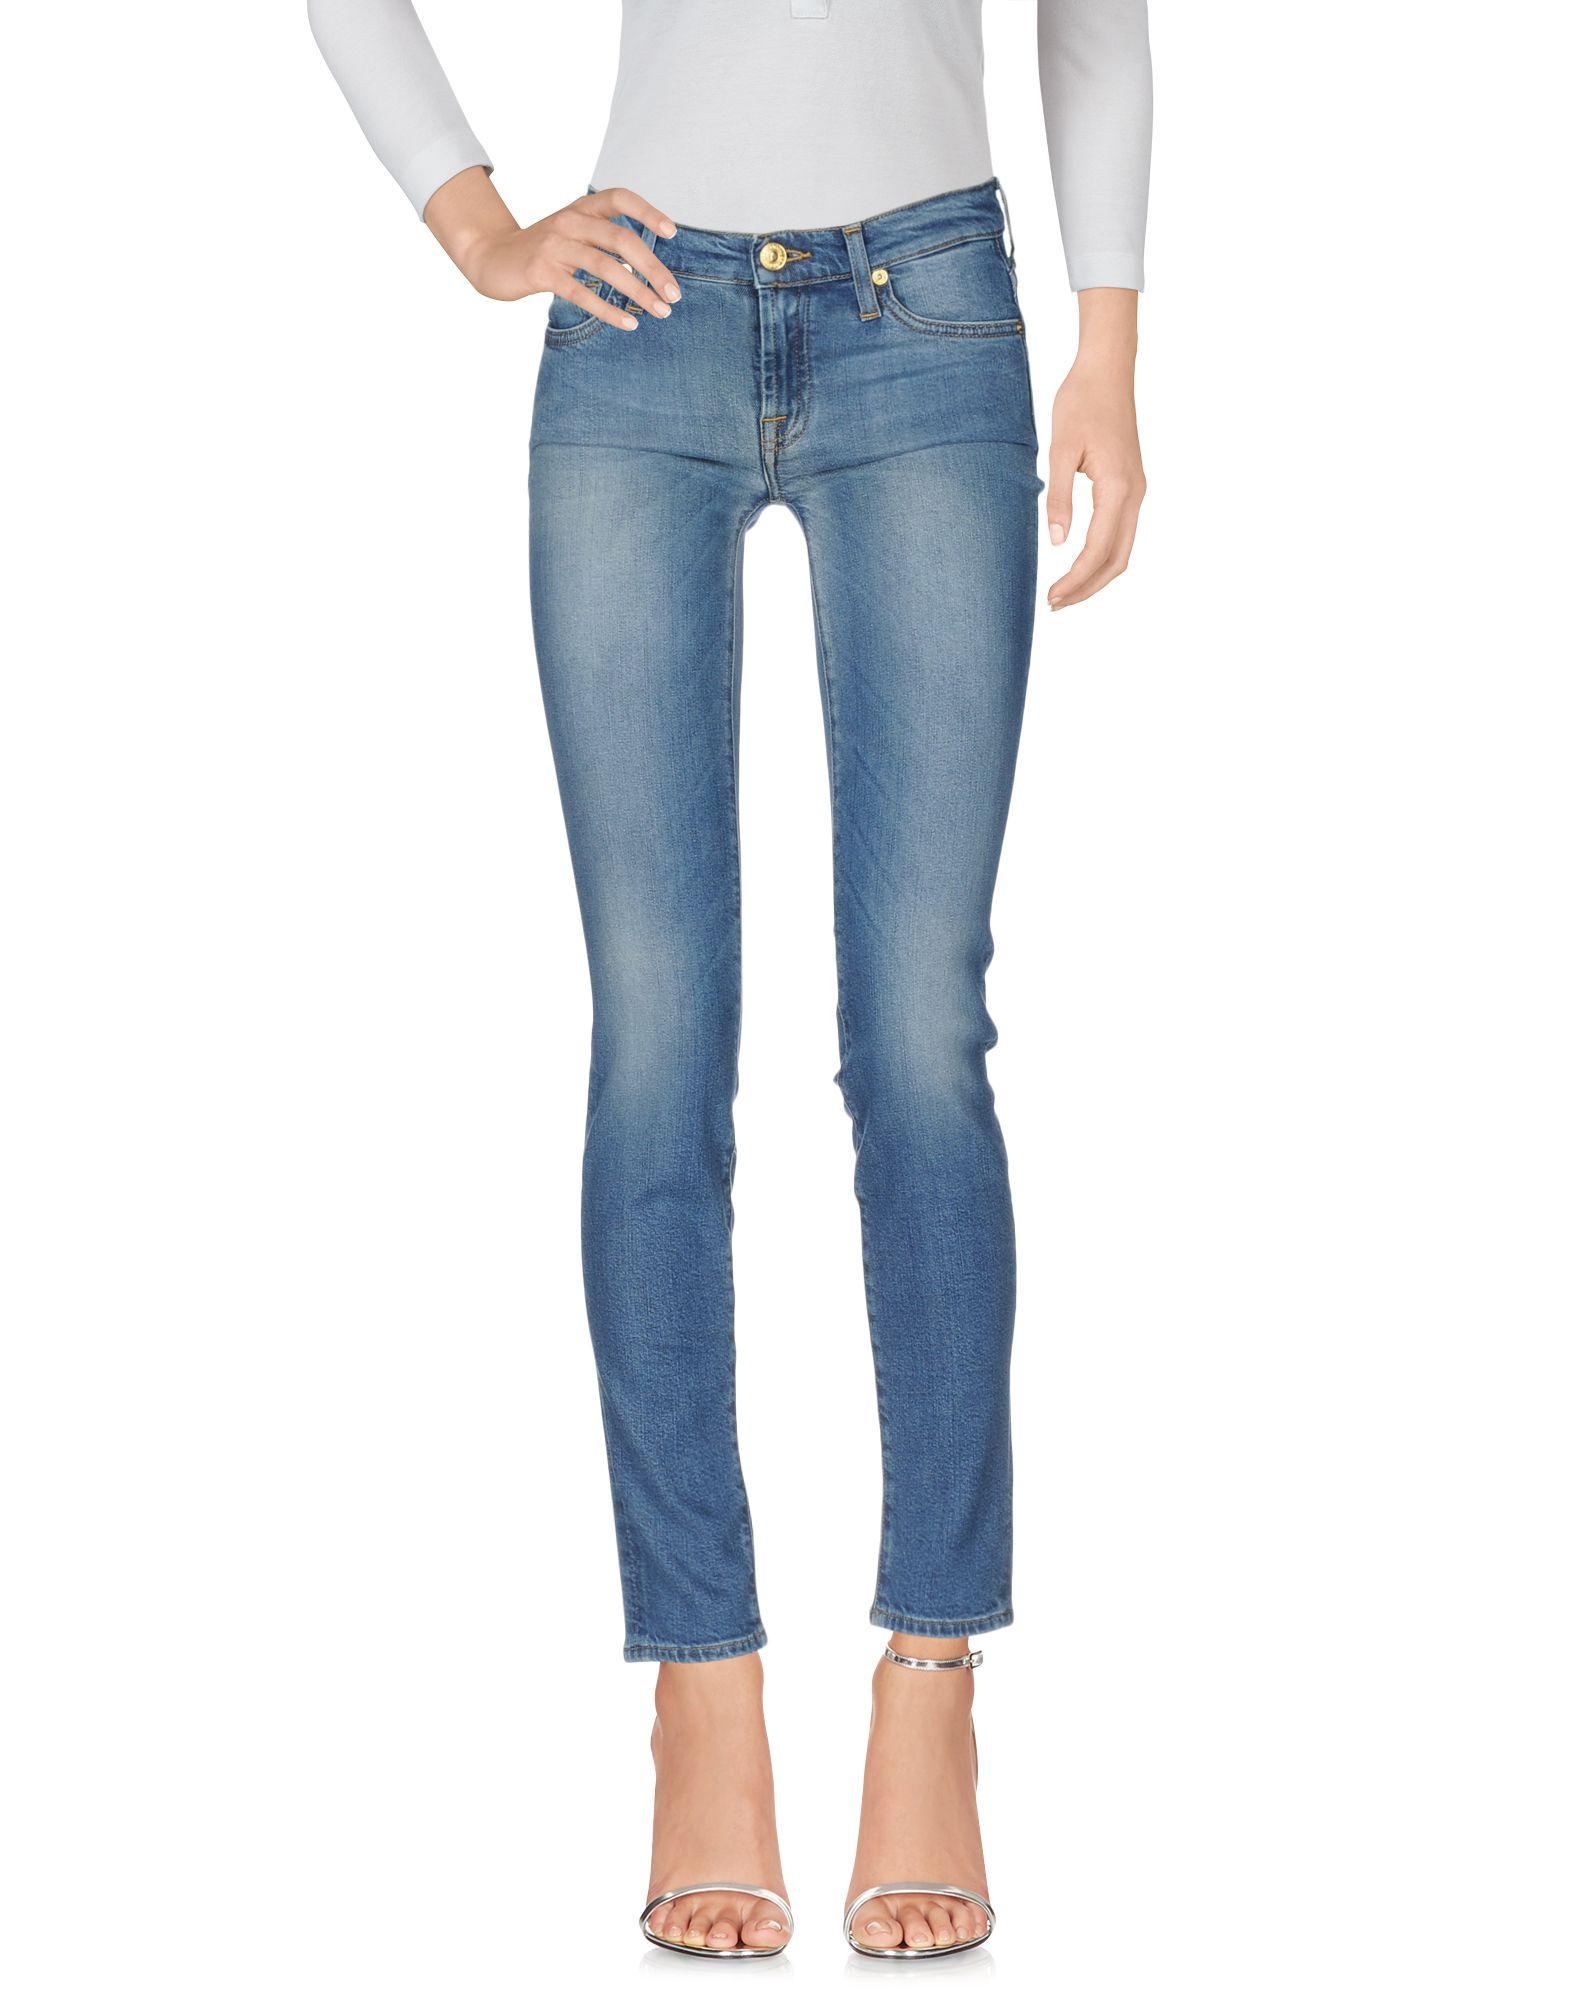 Pantalons Pour Tous Humanité FemmeAcheter Les Ligne 7 À Jeans En DeH2E9IYW